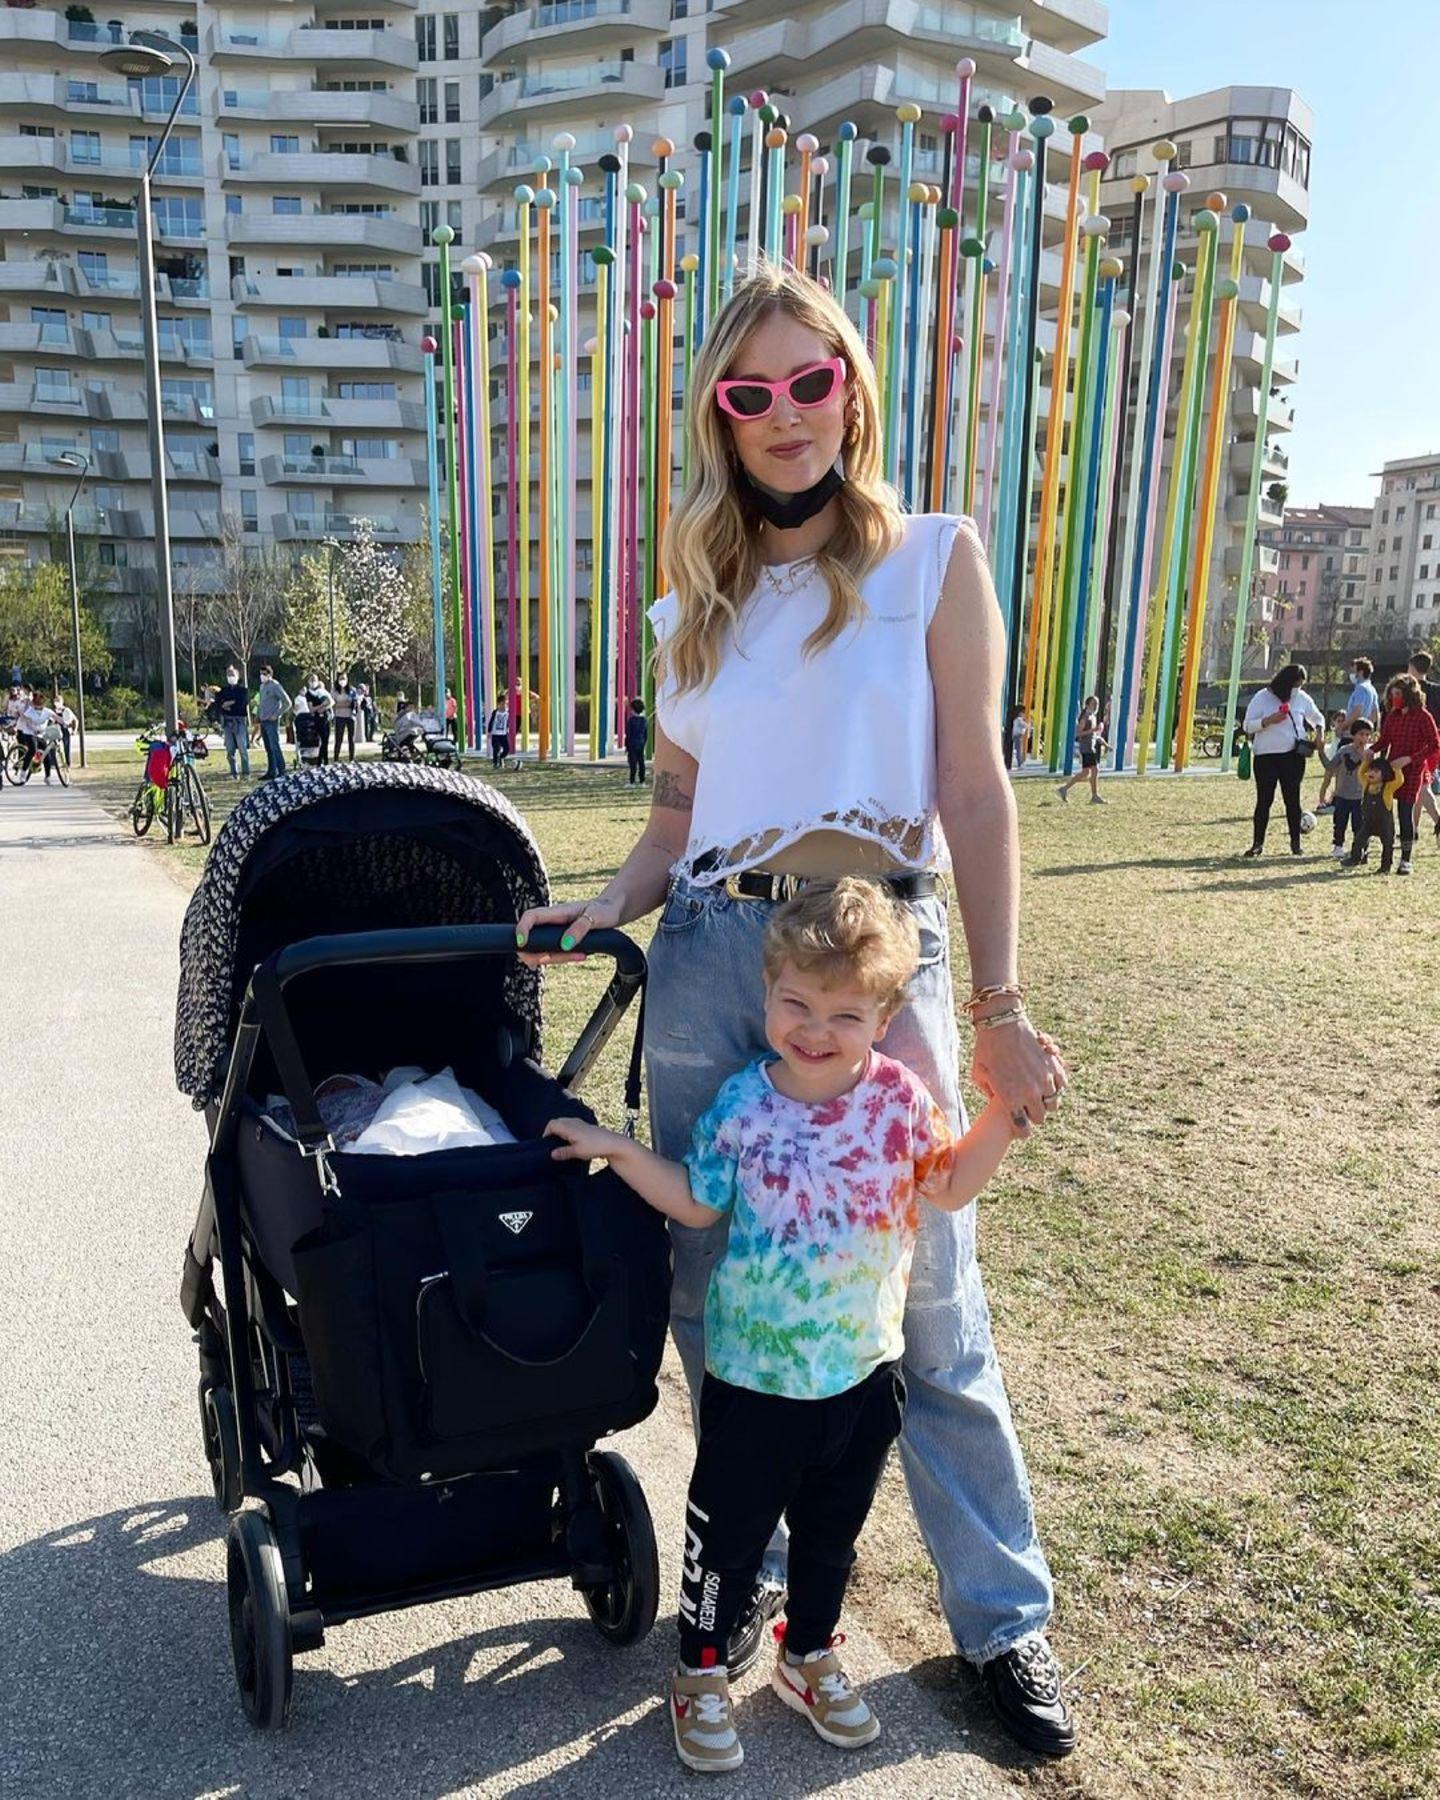 Luxus pur von Anfang an: Bei ihrem ersten Ausflug wird die neugeborene Vittoria Ferragni von Mama Chiara und Brüderchen Leone natürlich nicht in irgendeinem Kinderwagen durchs sonnige Mailand geschoben, sondern im stylischen Luxus-Modell aus der neuen Baby Dior Kollektion.